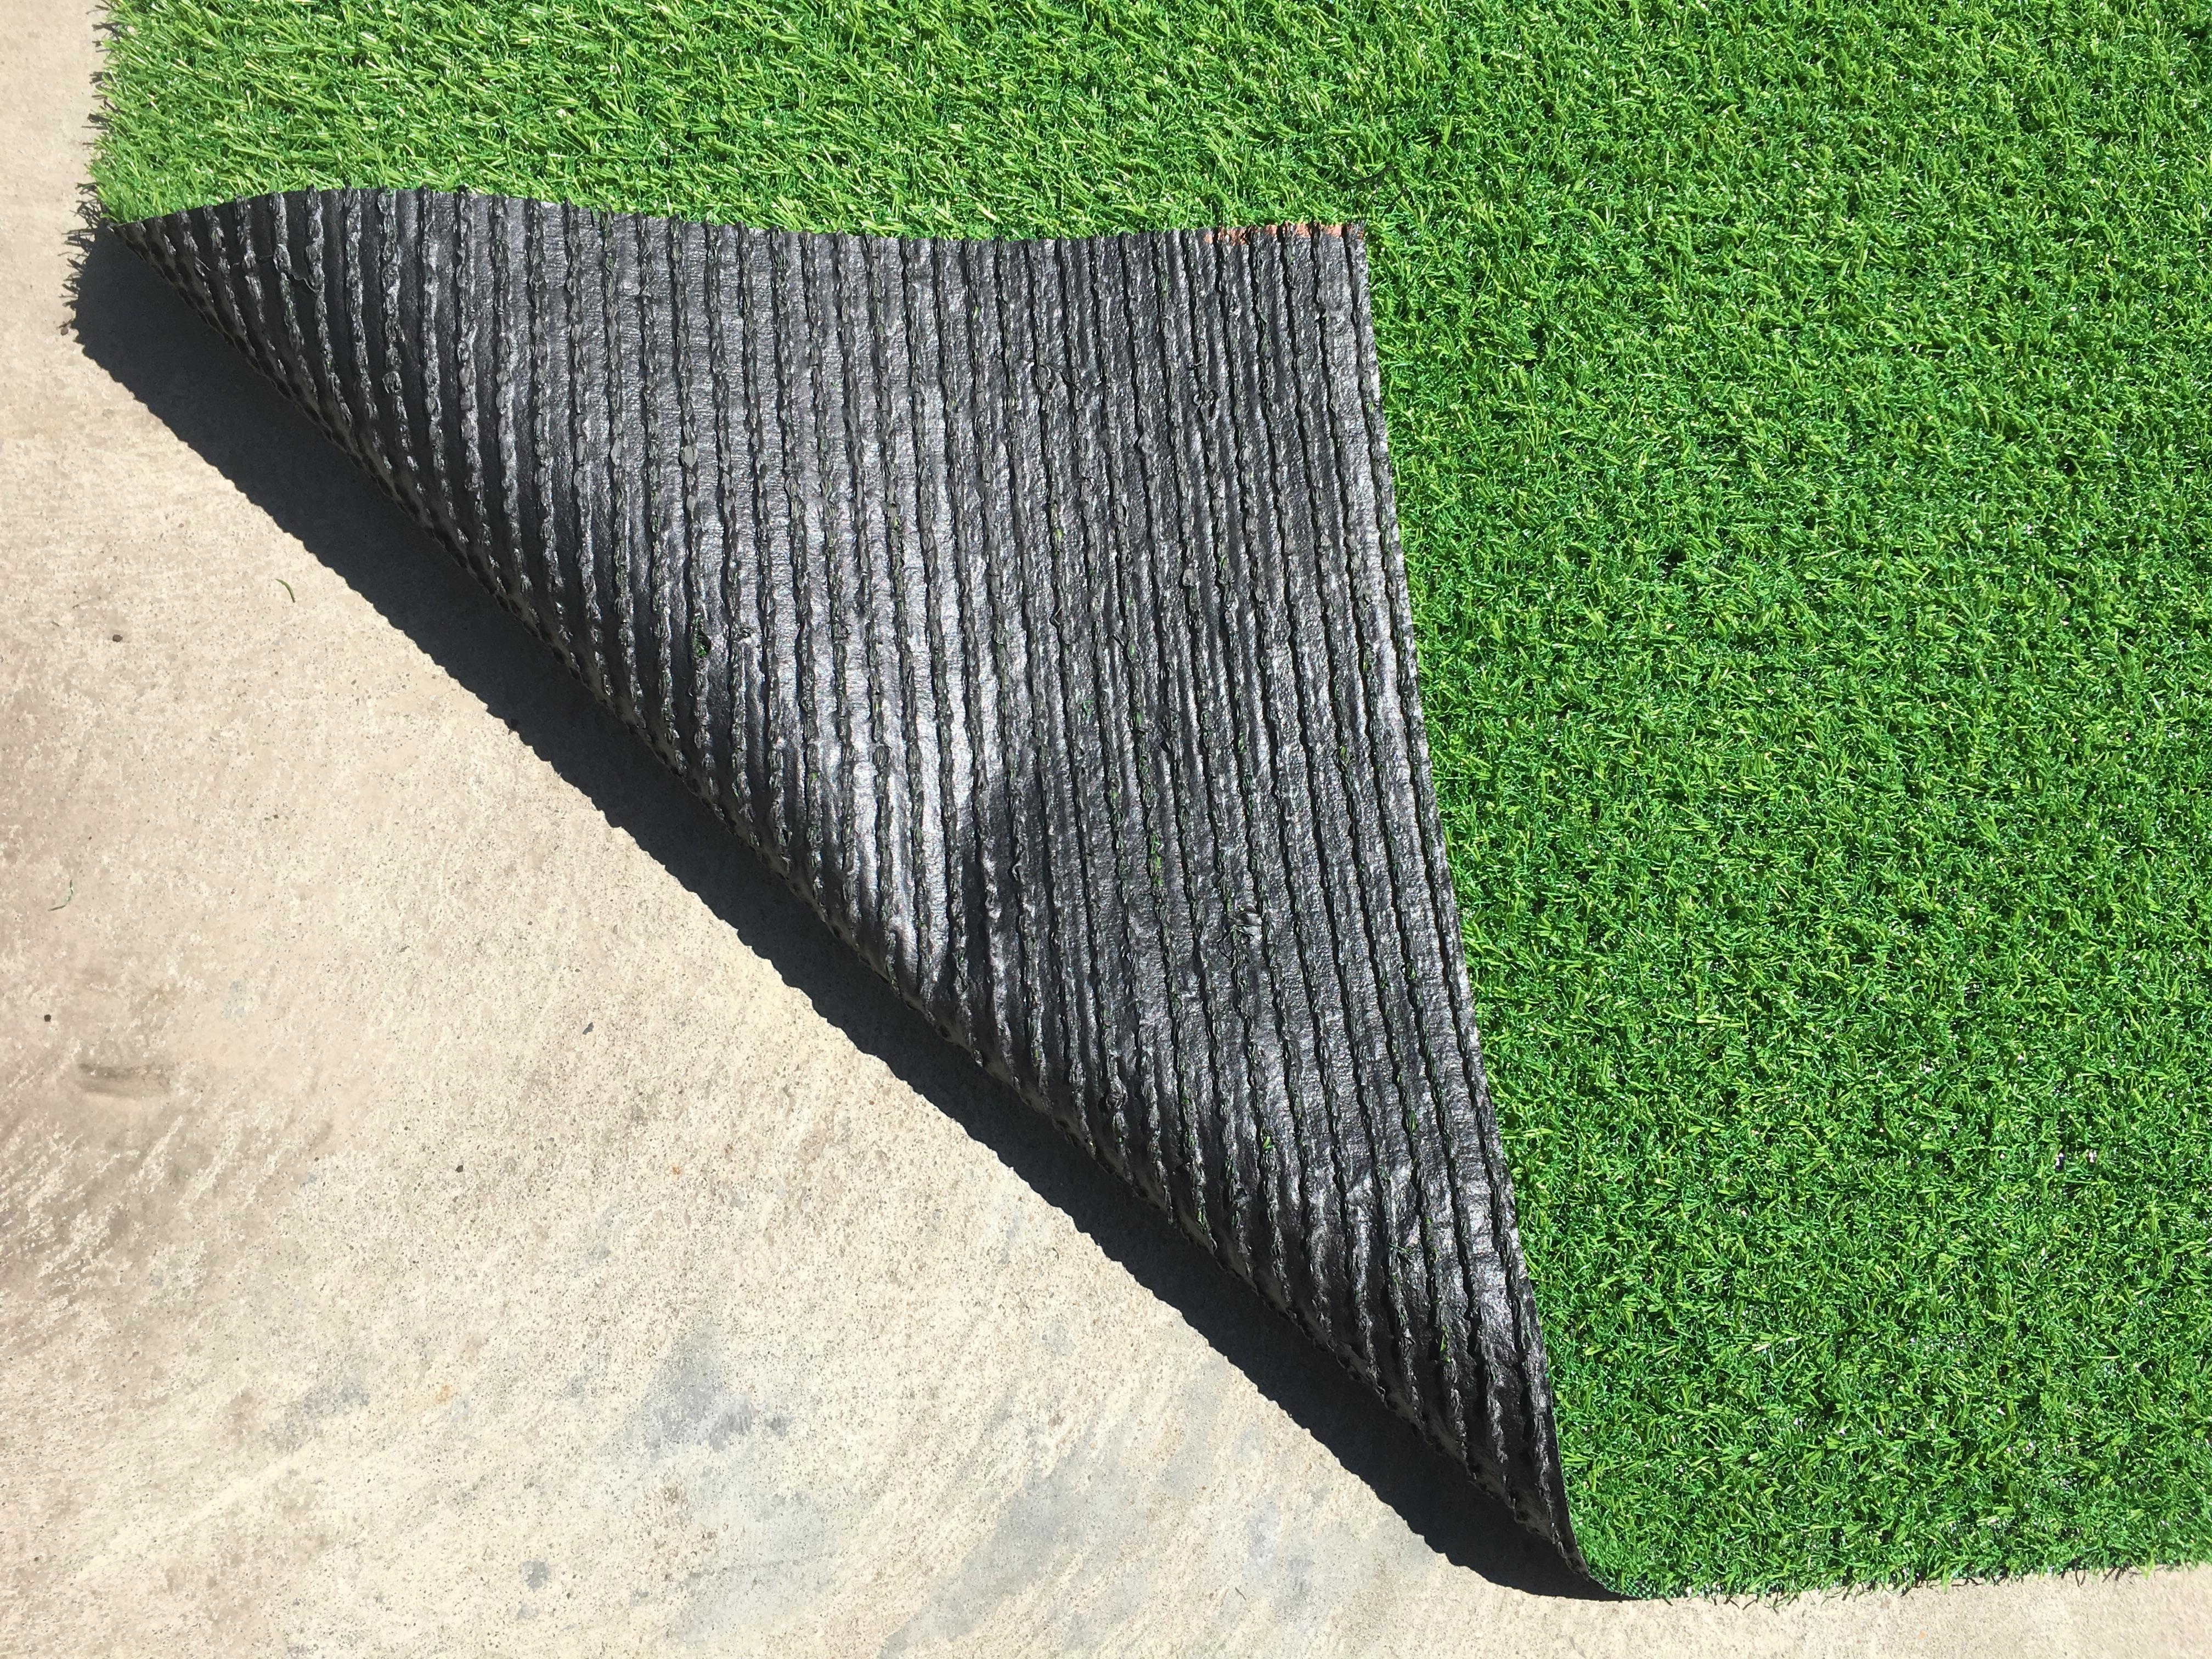 Covor Iarba Artificiala, Tip Gazon, Verde, Tropicana, 100% Polipropilena, 10 mm, 200x400 cm 2